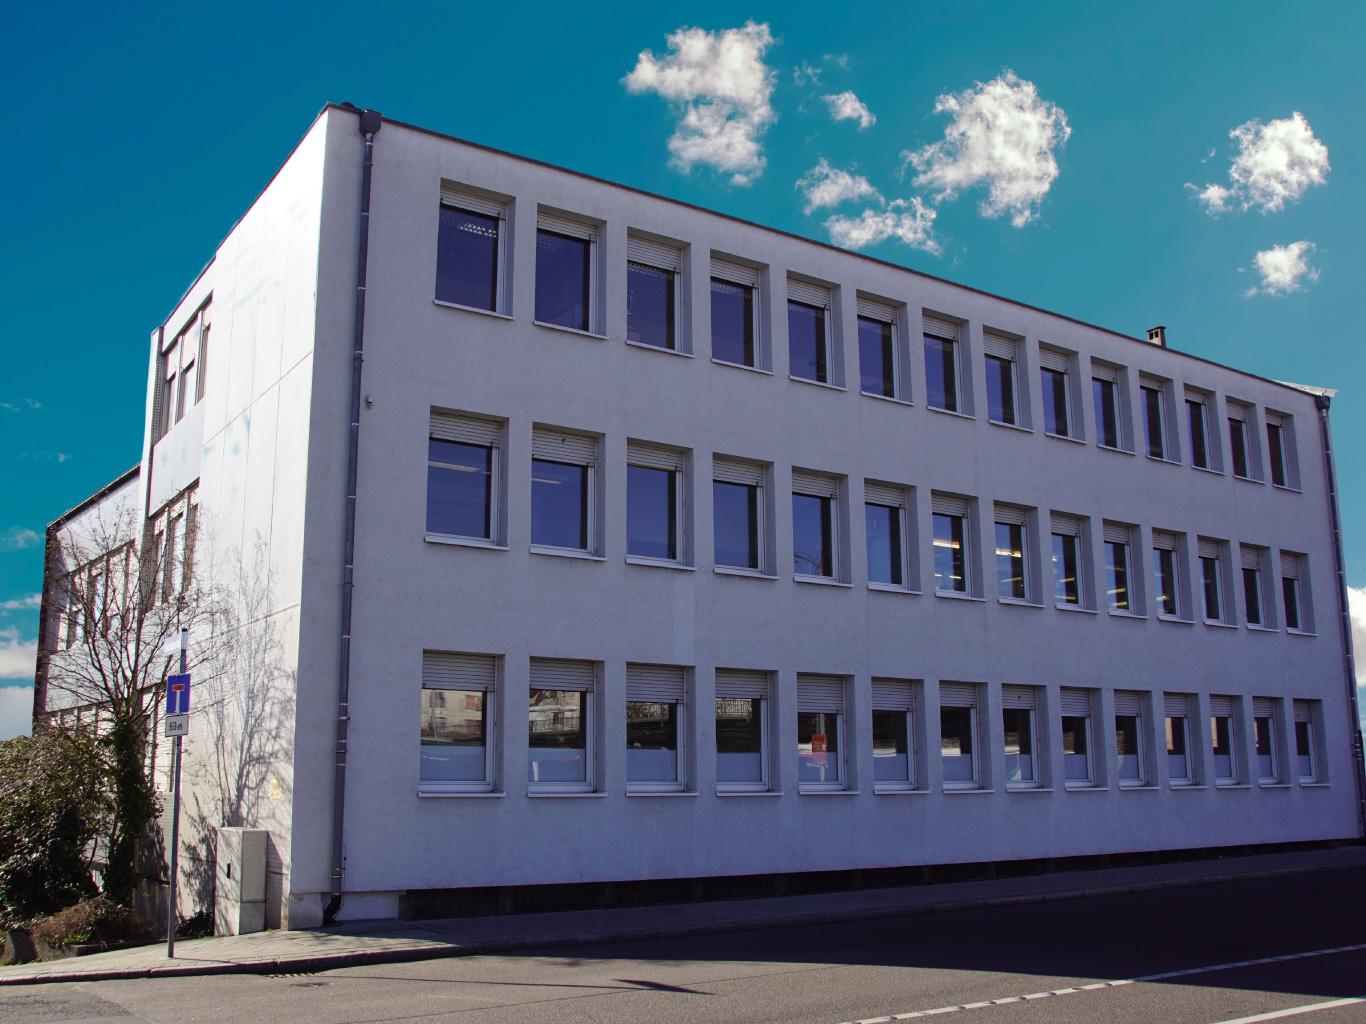 Eugen-Rühle-Schmuck-Ketten-Anhänger-Medaillons-Pforzheim-Firmensitz